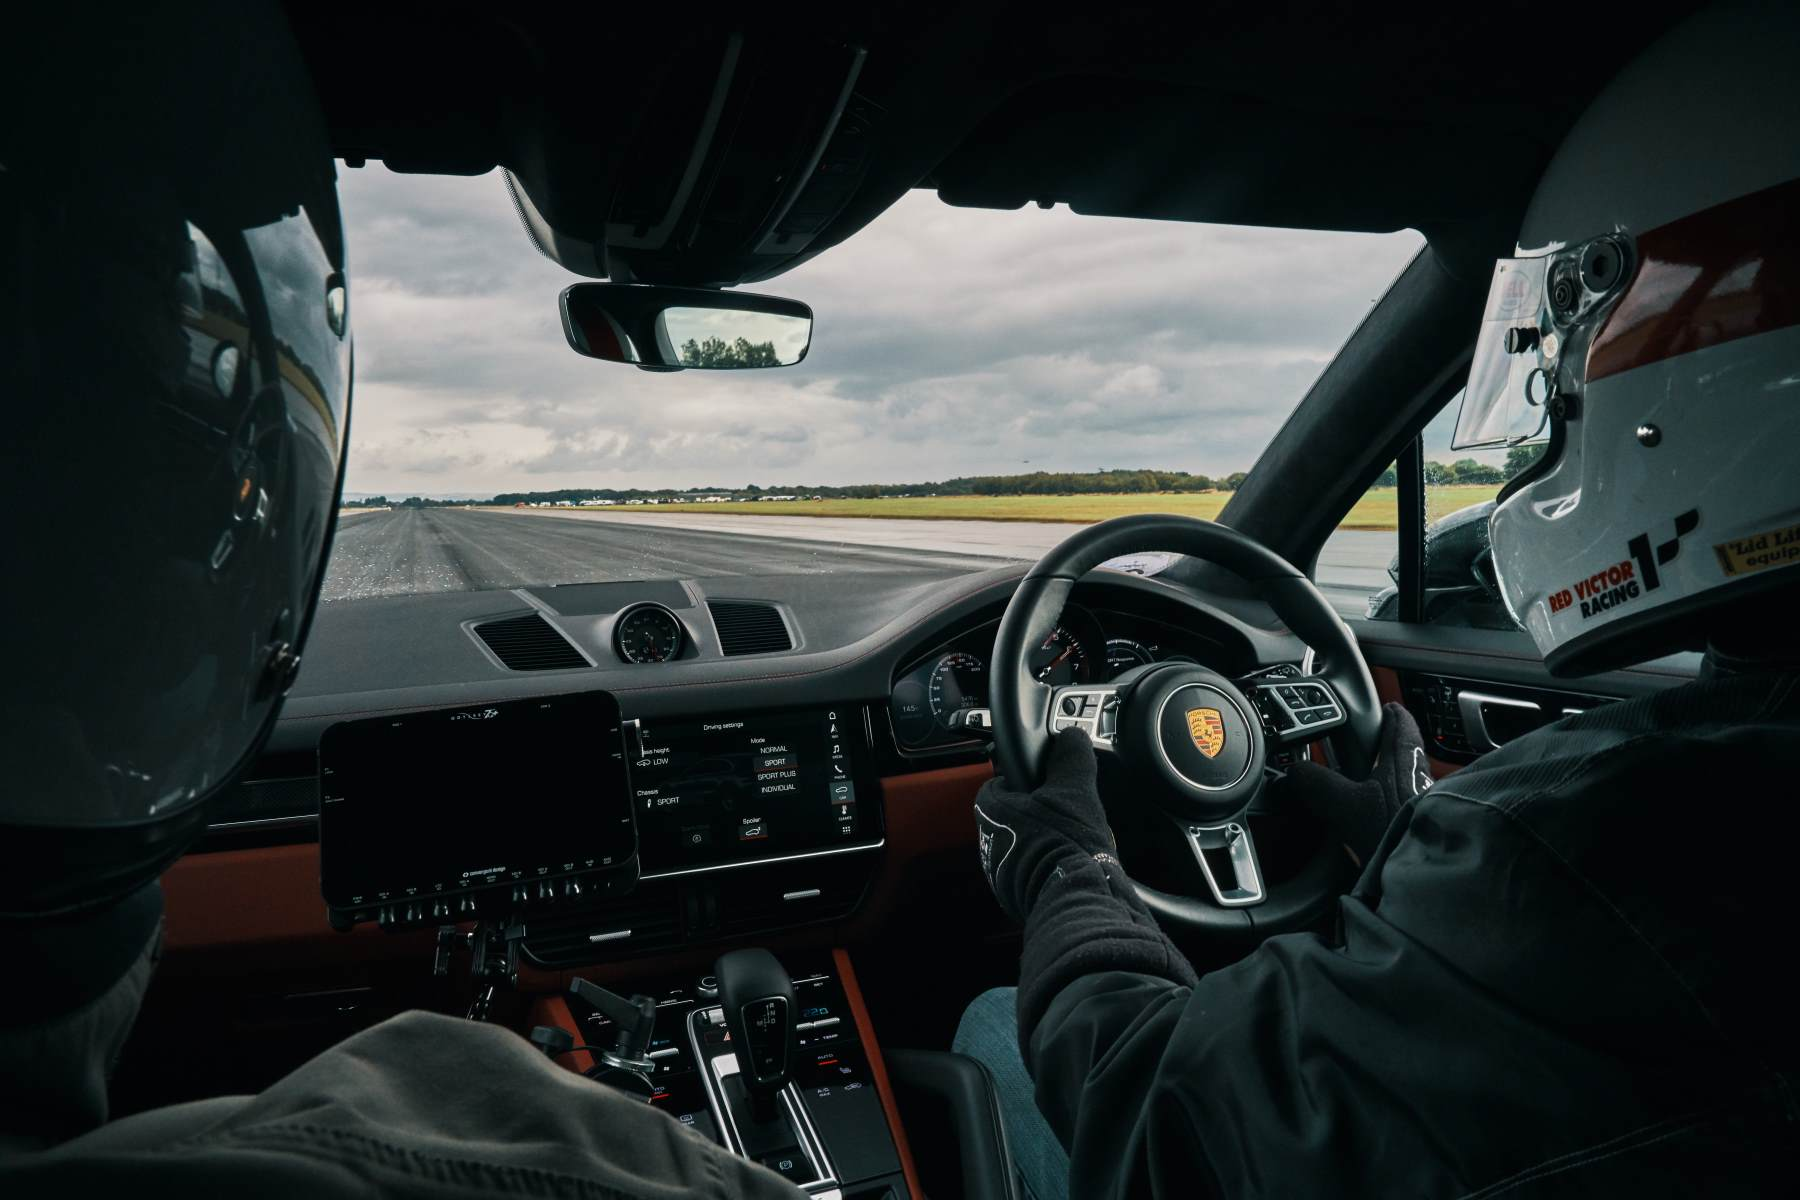 Slipstreamed Porsche Cayenne Turbo